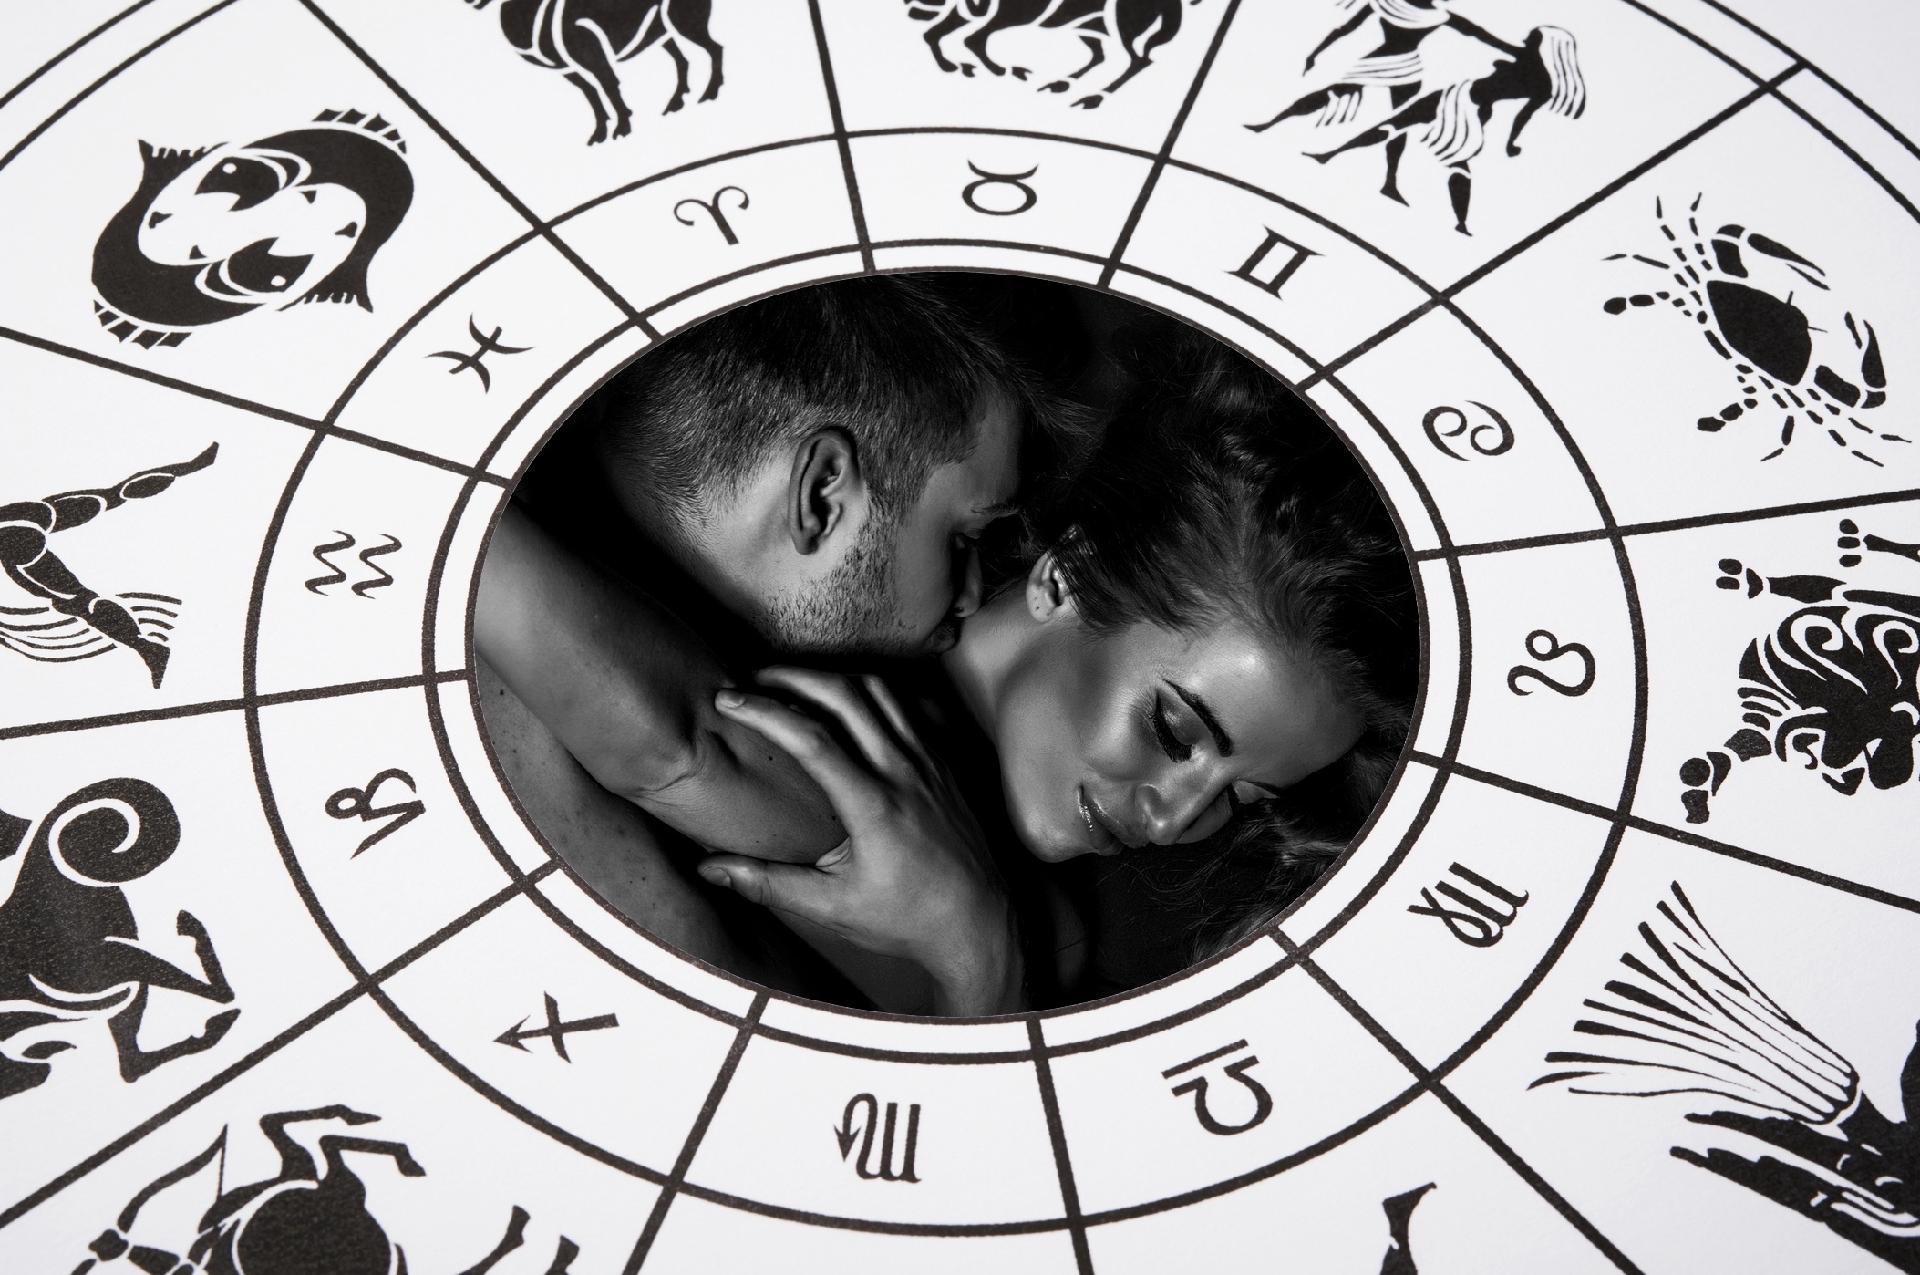 2e909688ff74 Ranking sexual: veja quais são os signos mais sexy do zodíaco - 29/09/2017  - UOL Universa